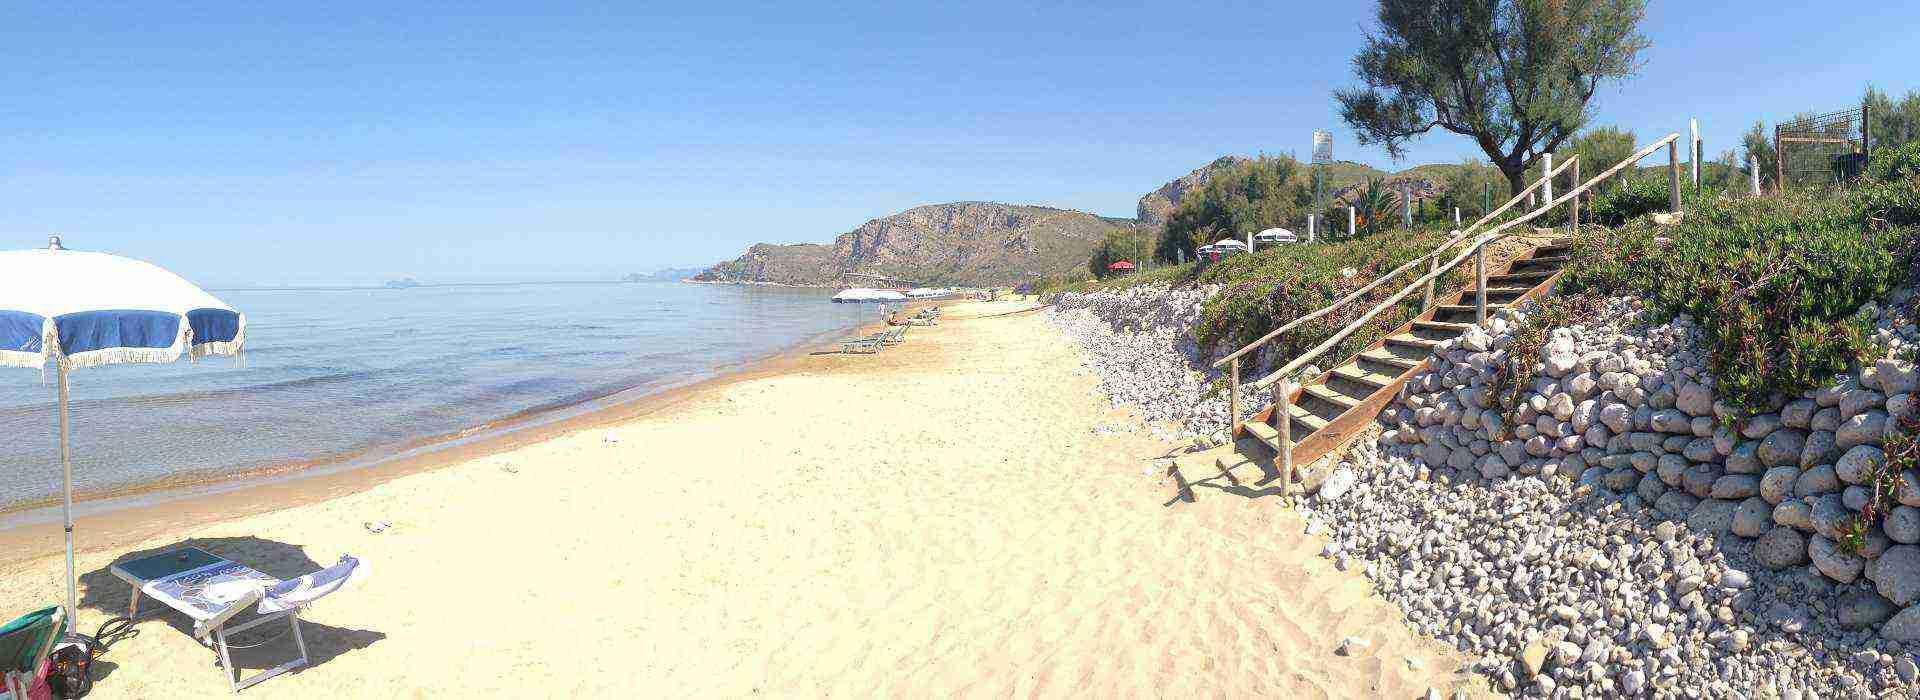 Matrimonio Sulla Spiaggia Gaeta : Migliori hotel sulla spiaggia in italia per trivago foto